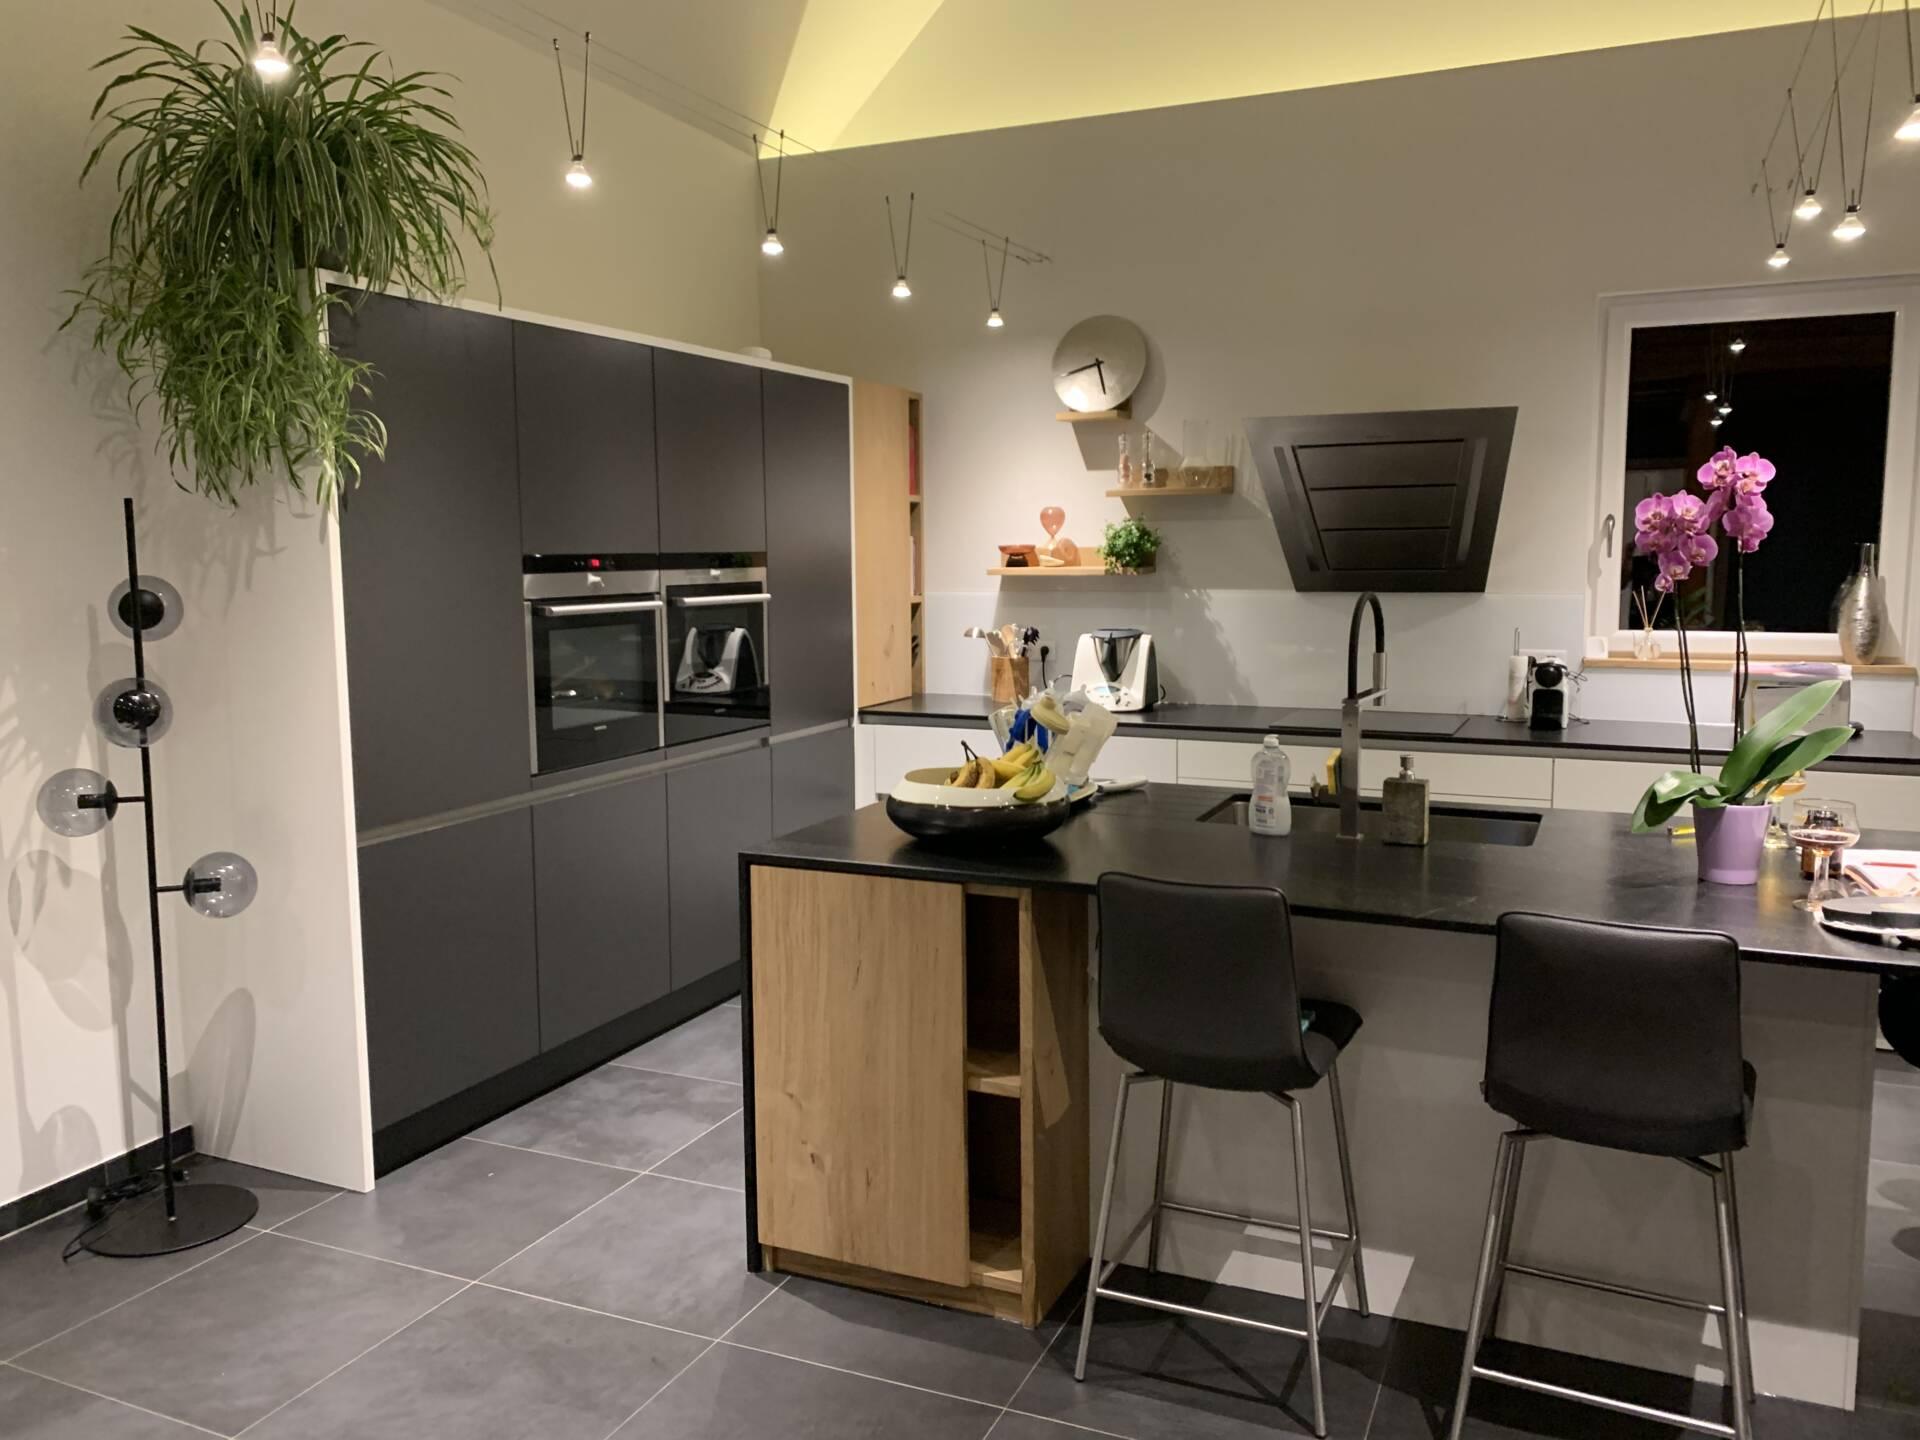 Rénovation espace cuisine et espace détente à Orbey, par Inspiration Design, Décoration intérieure à Colmar